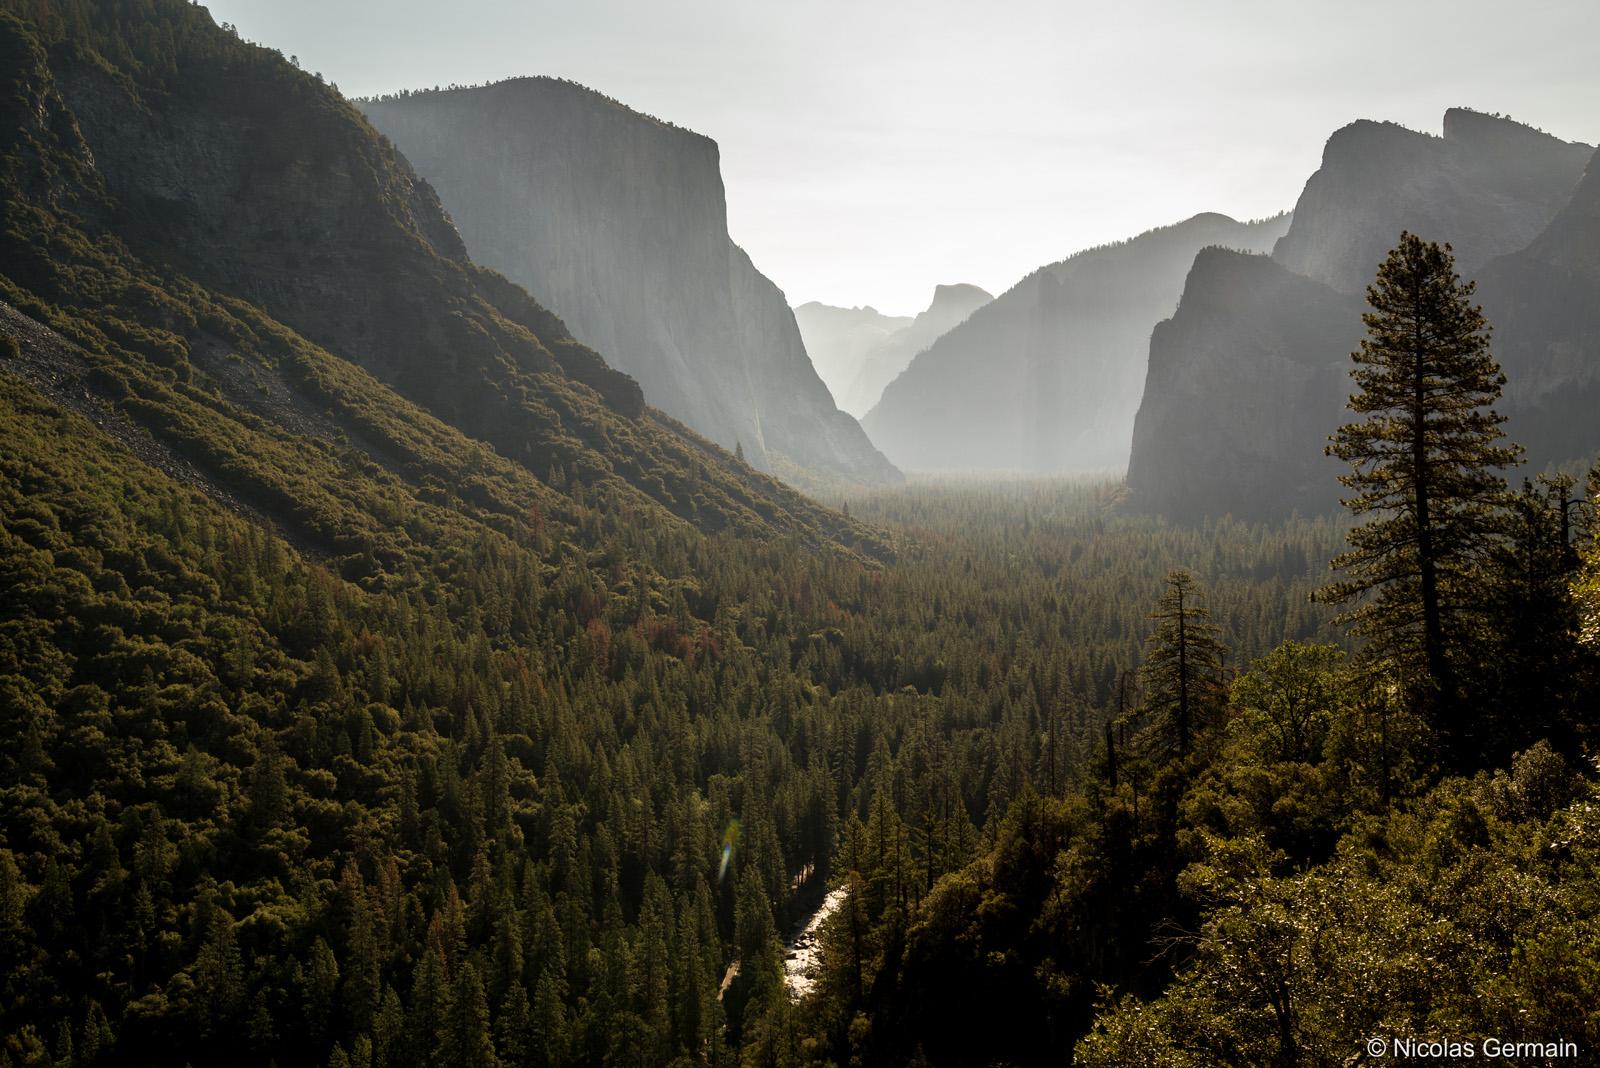 El Capitan et le Half Dome dans le fond dominent la vallée de Yosemite National Park au petit matin, Californie